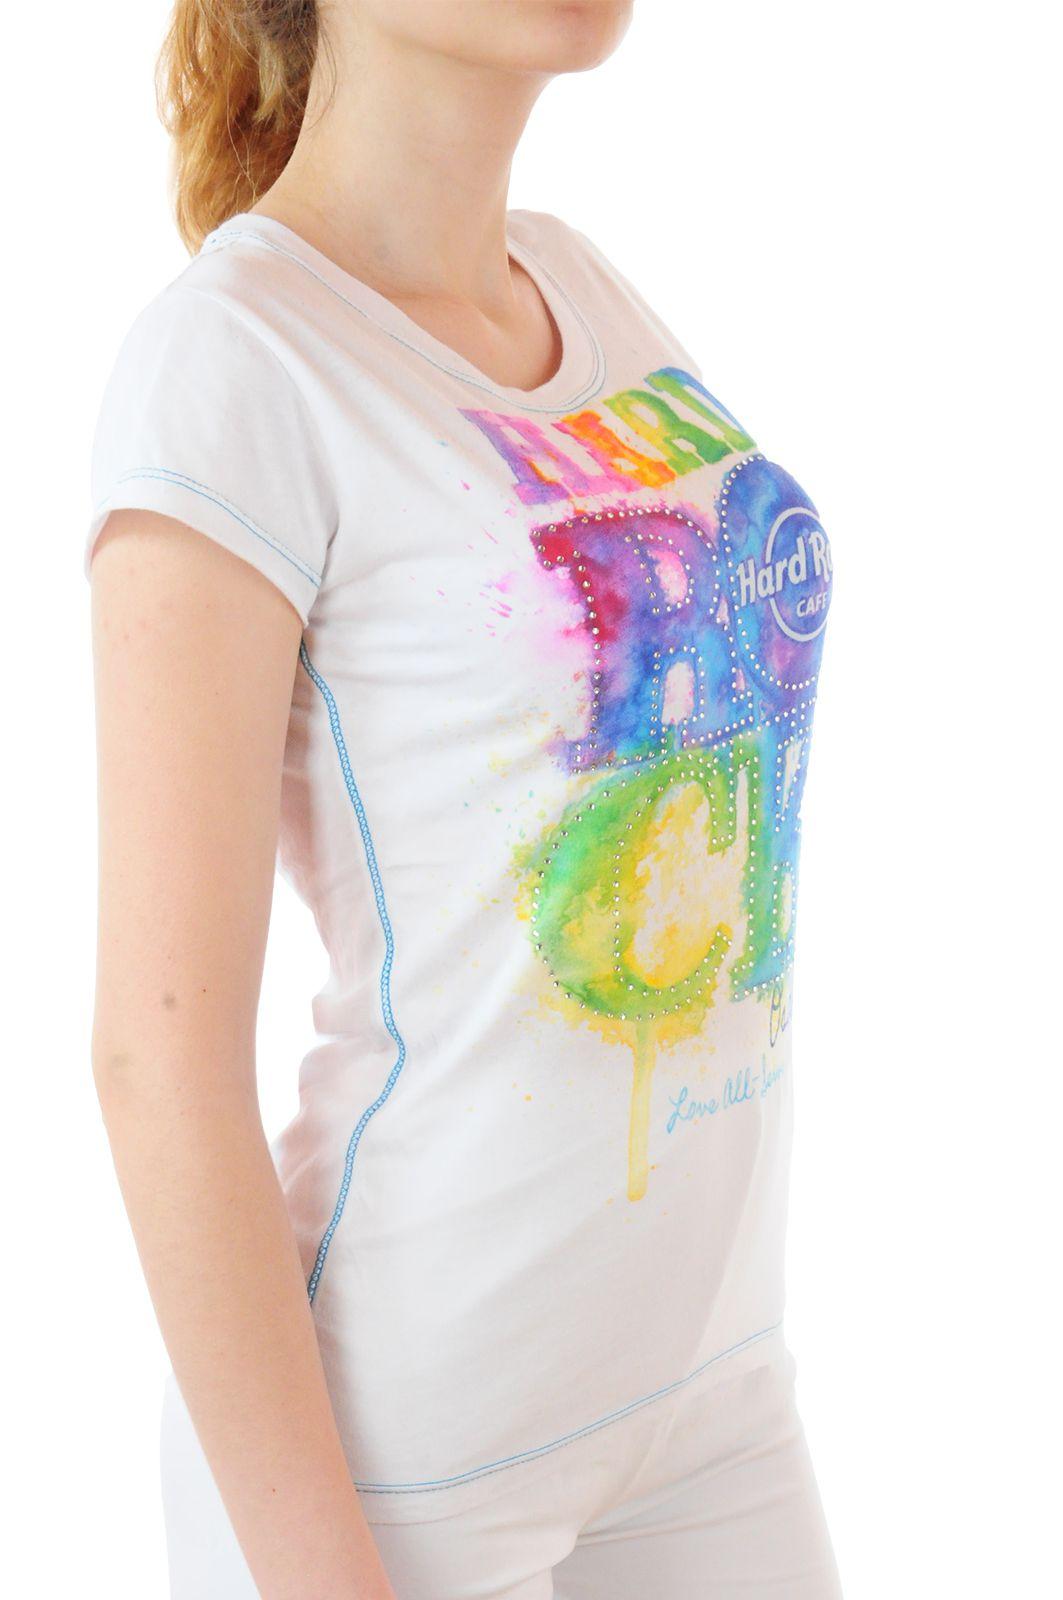 Летняя женская футболка от Hard Rock® - вид сбоку